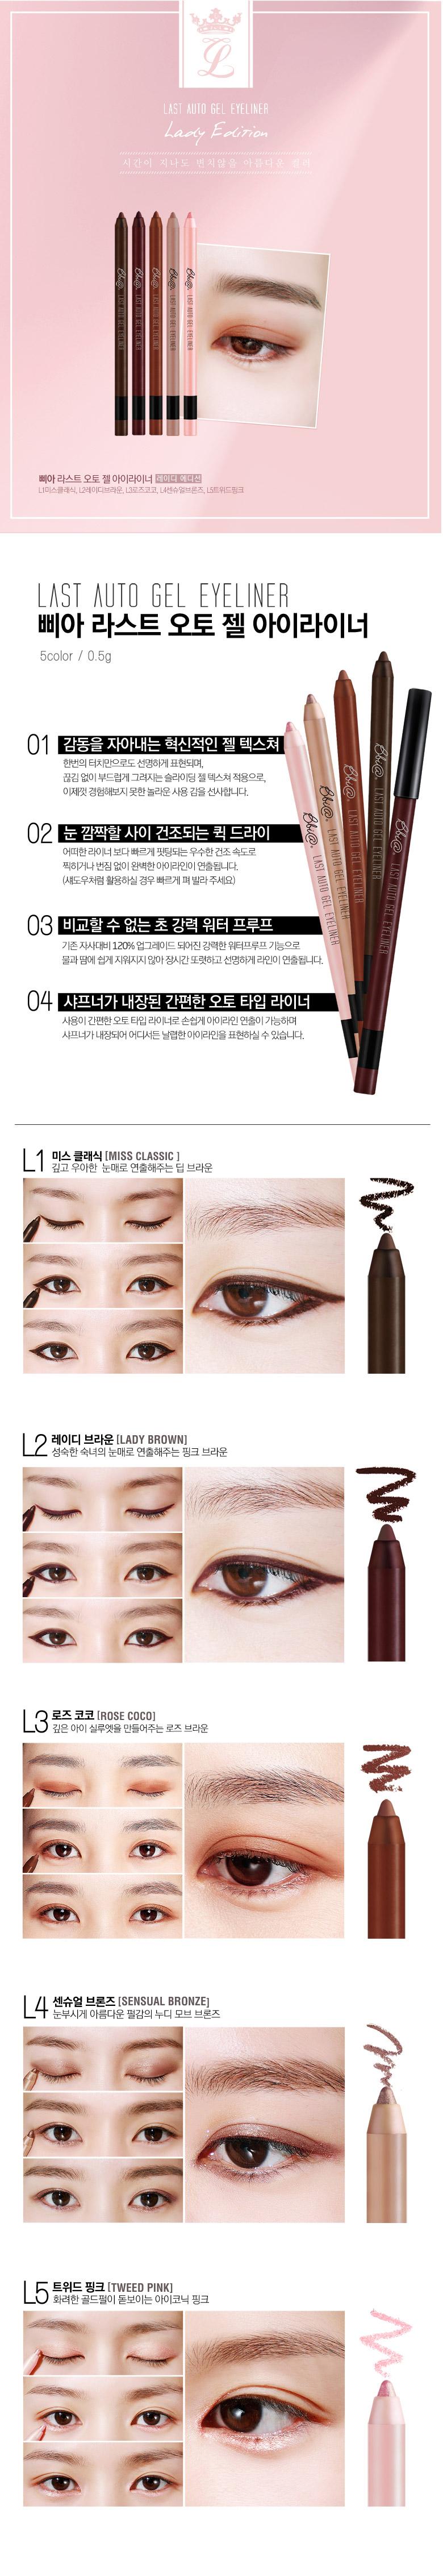 bbia-last-auto-gel-eyeliner-lady-edition-1.jpg